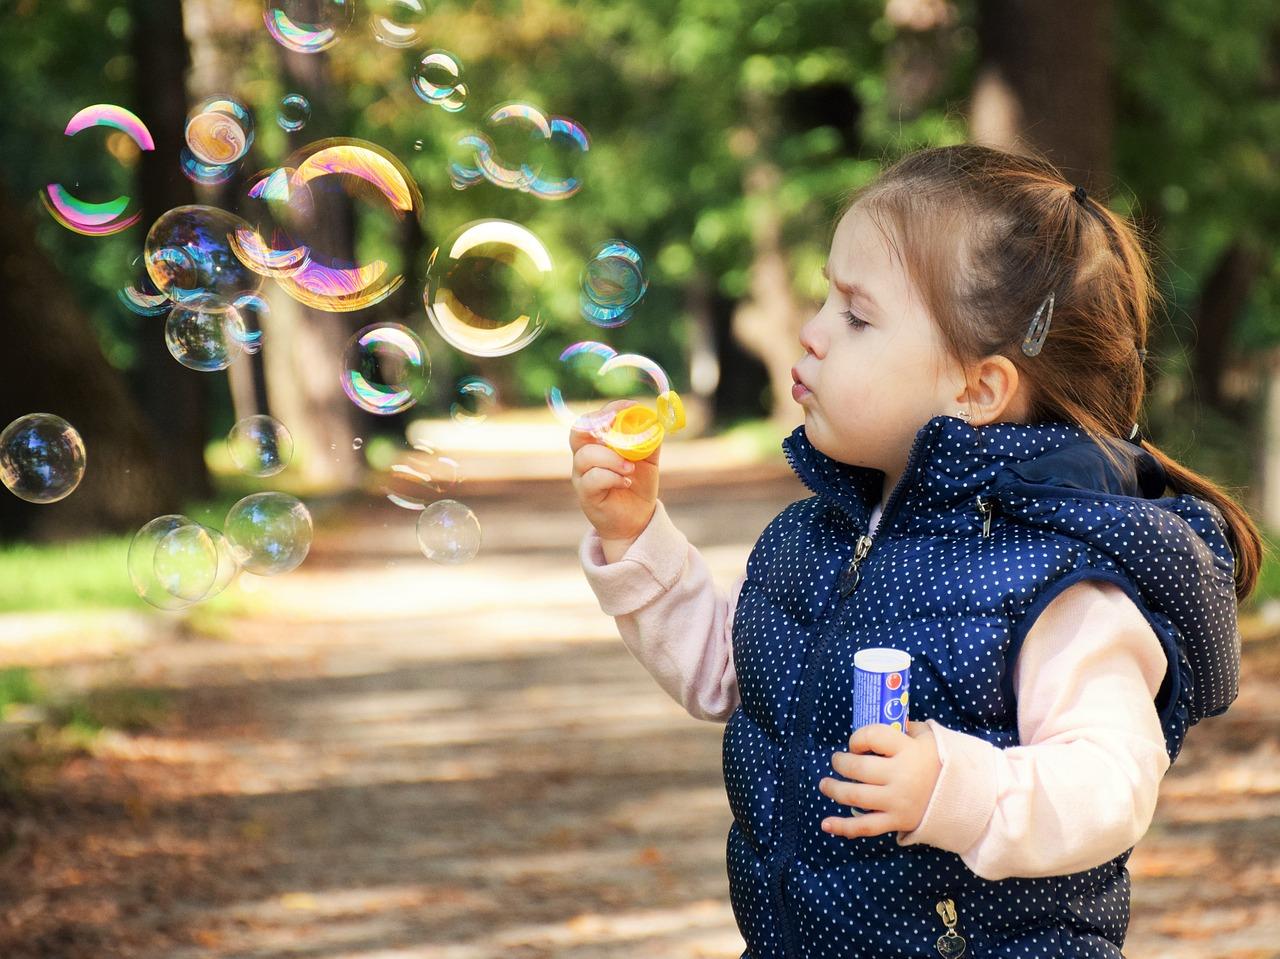 тех как фотографировать мыльные пузыри путем